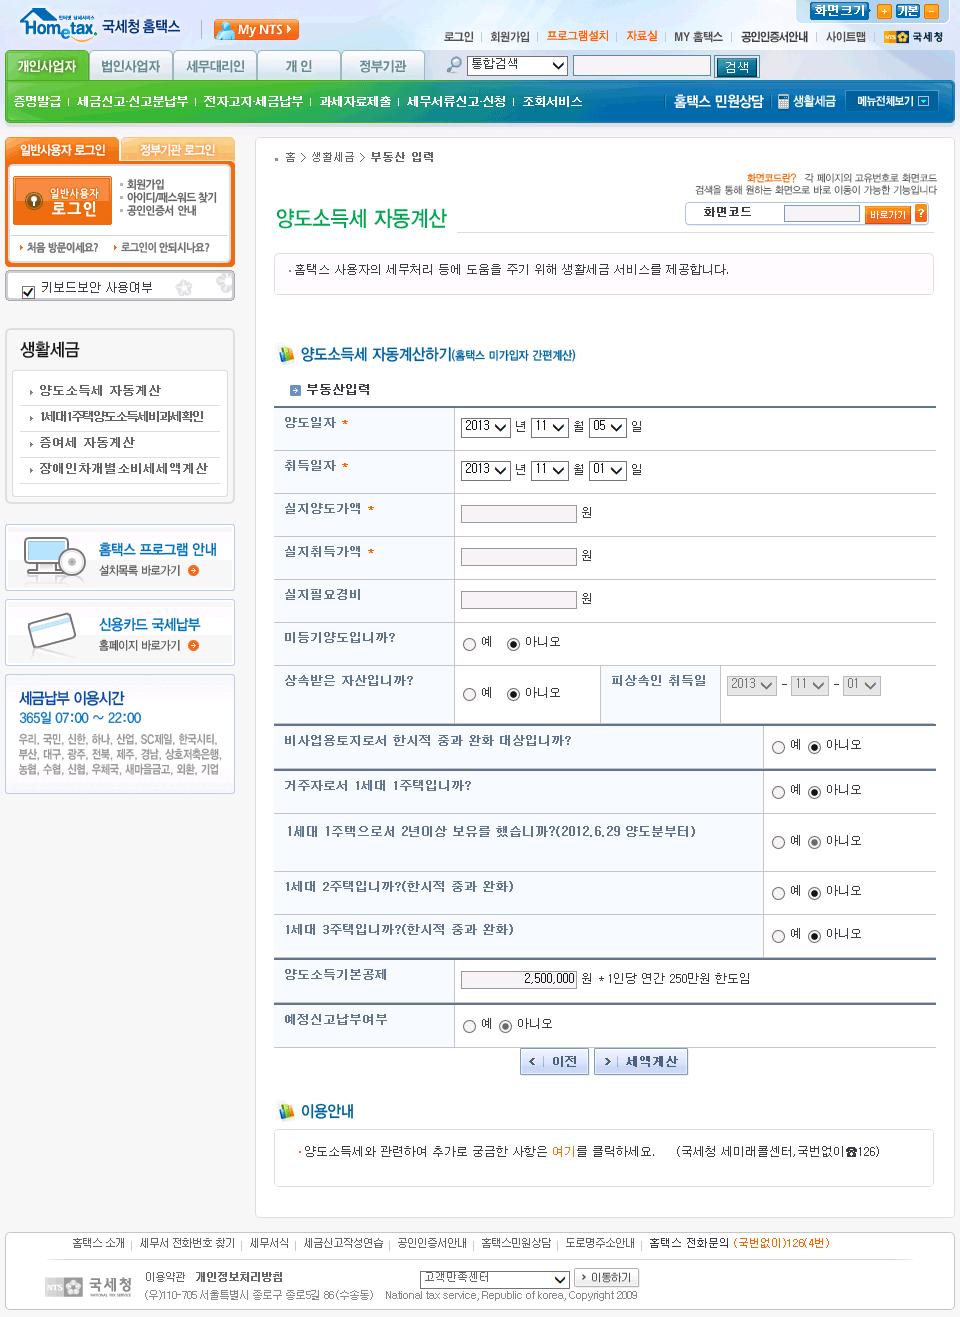 국세청 홈택스 부동산 양도소득세 간편 계산